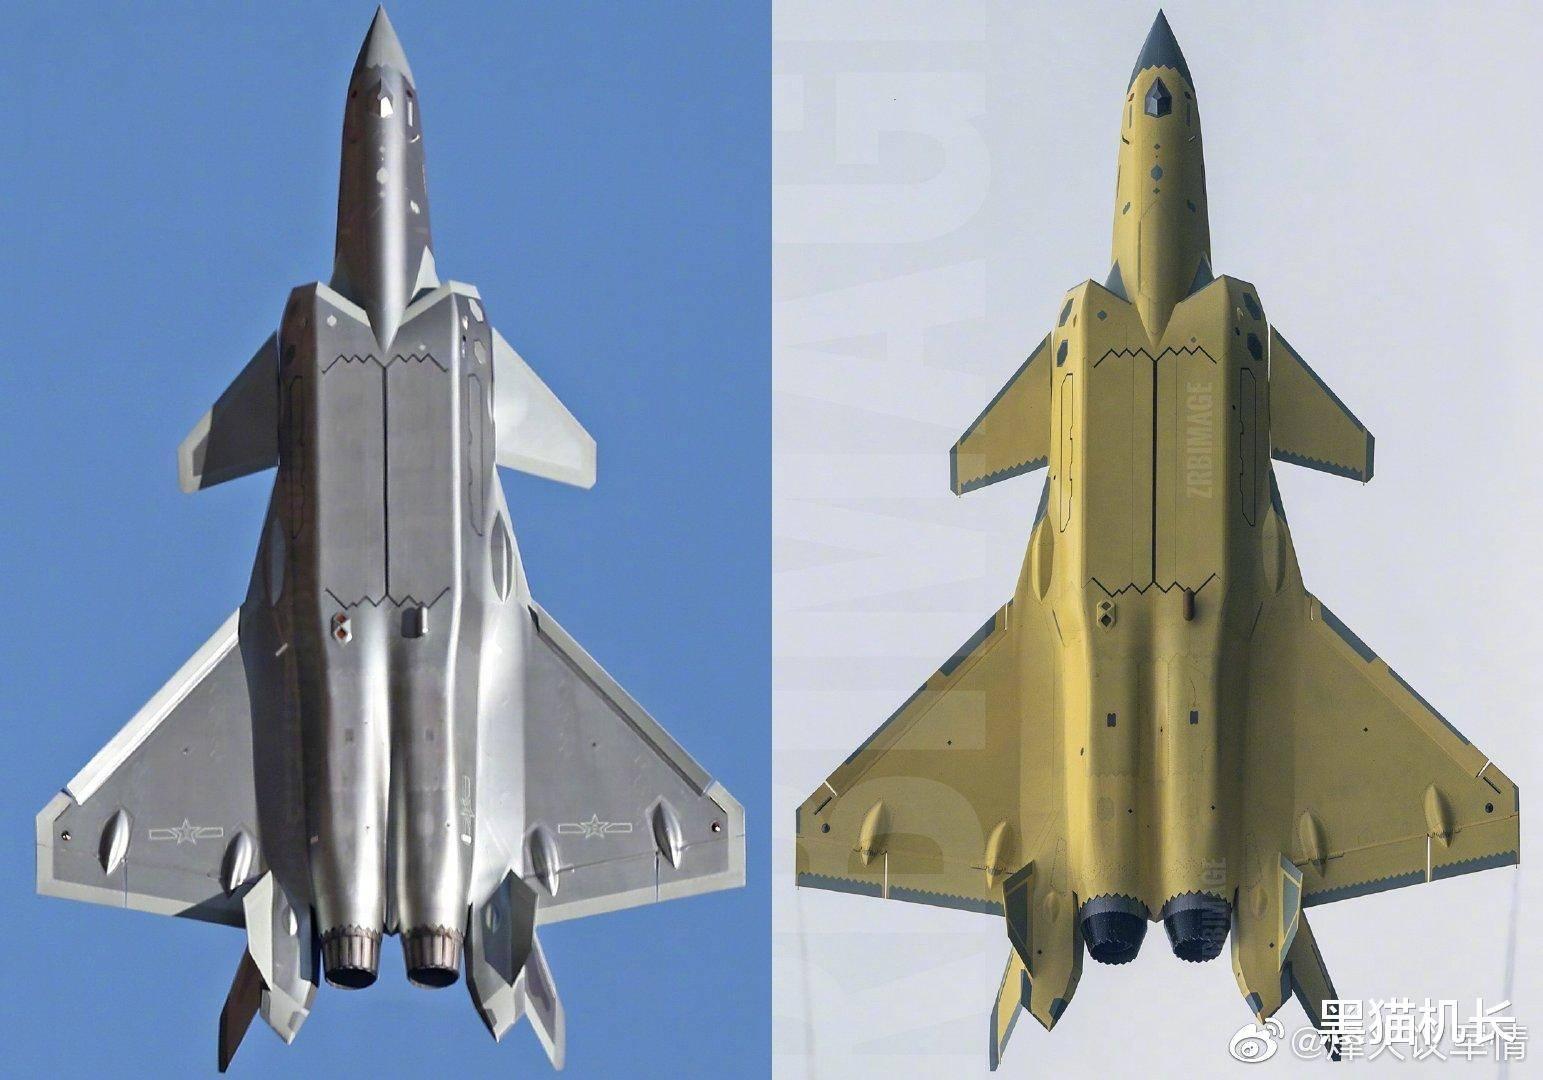 涡扇15和f119数据对比 涡扇15最新进展